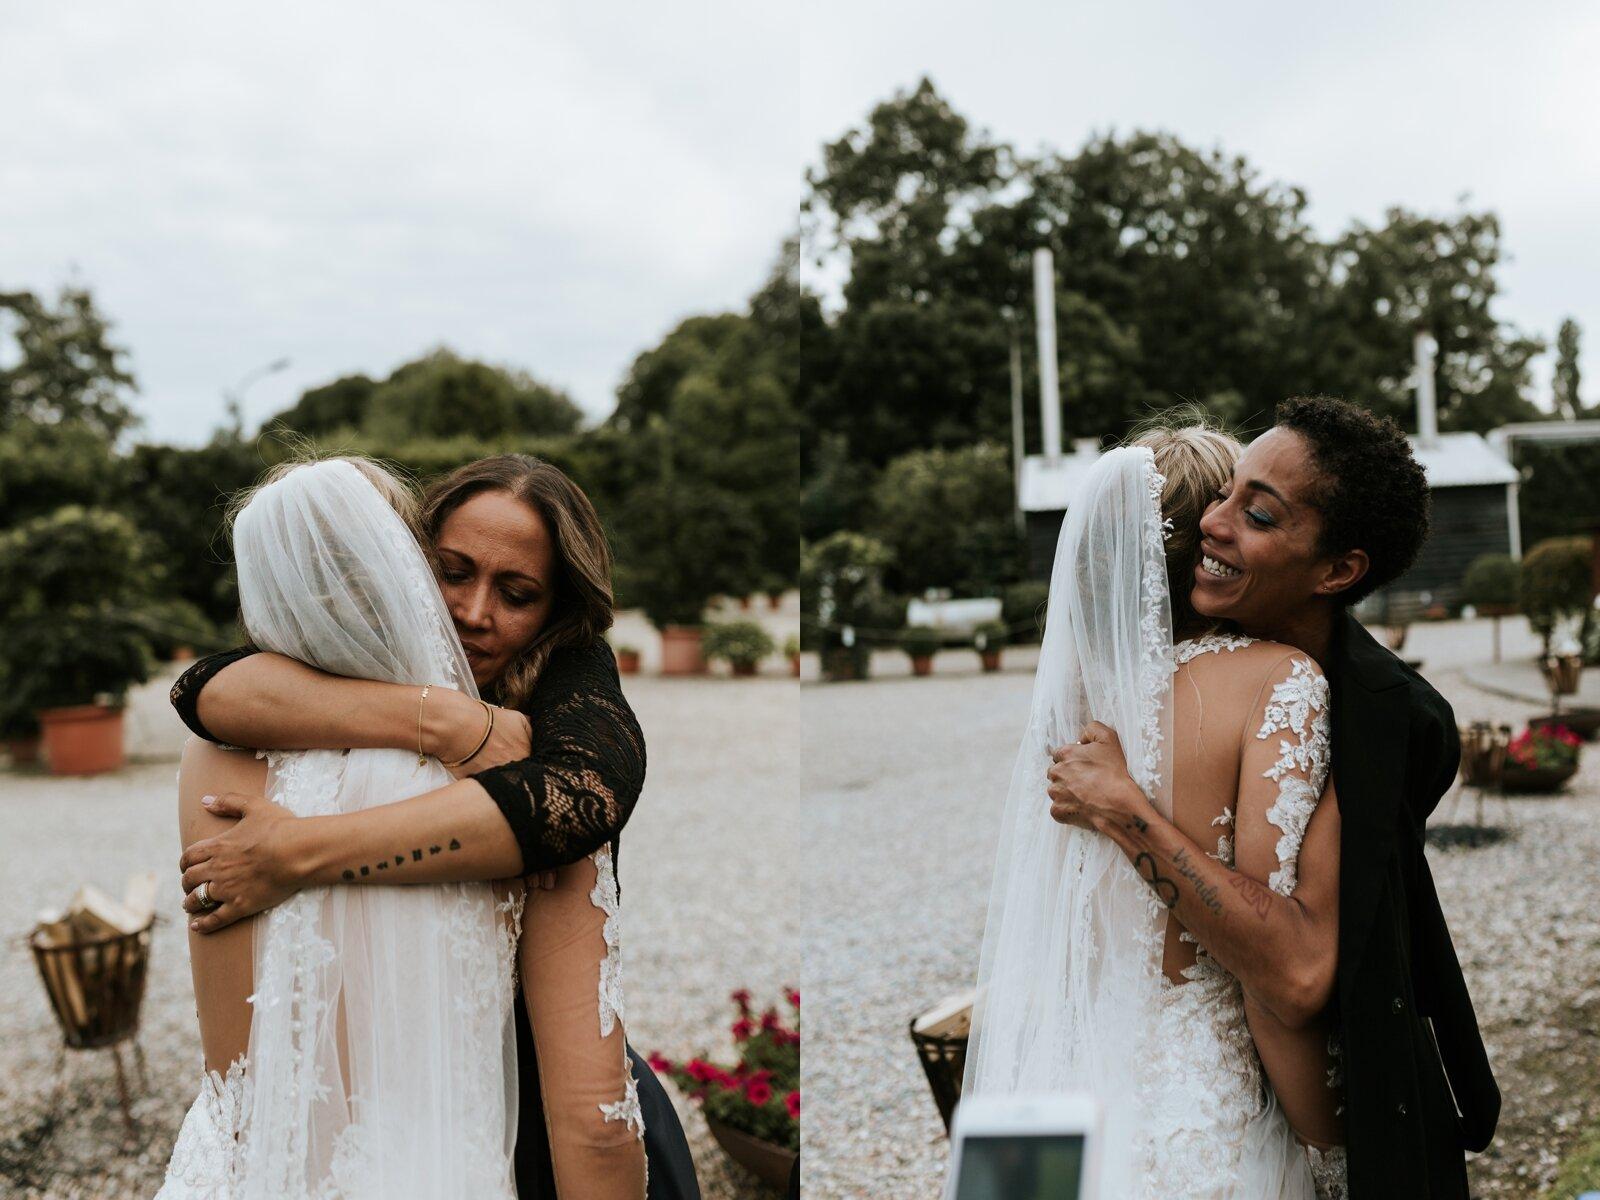 Venice-wedding-photographer_0051-2.jpg